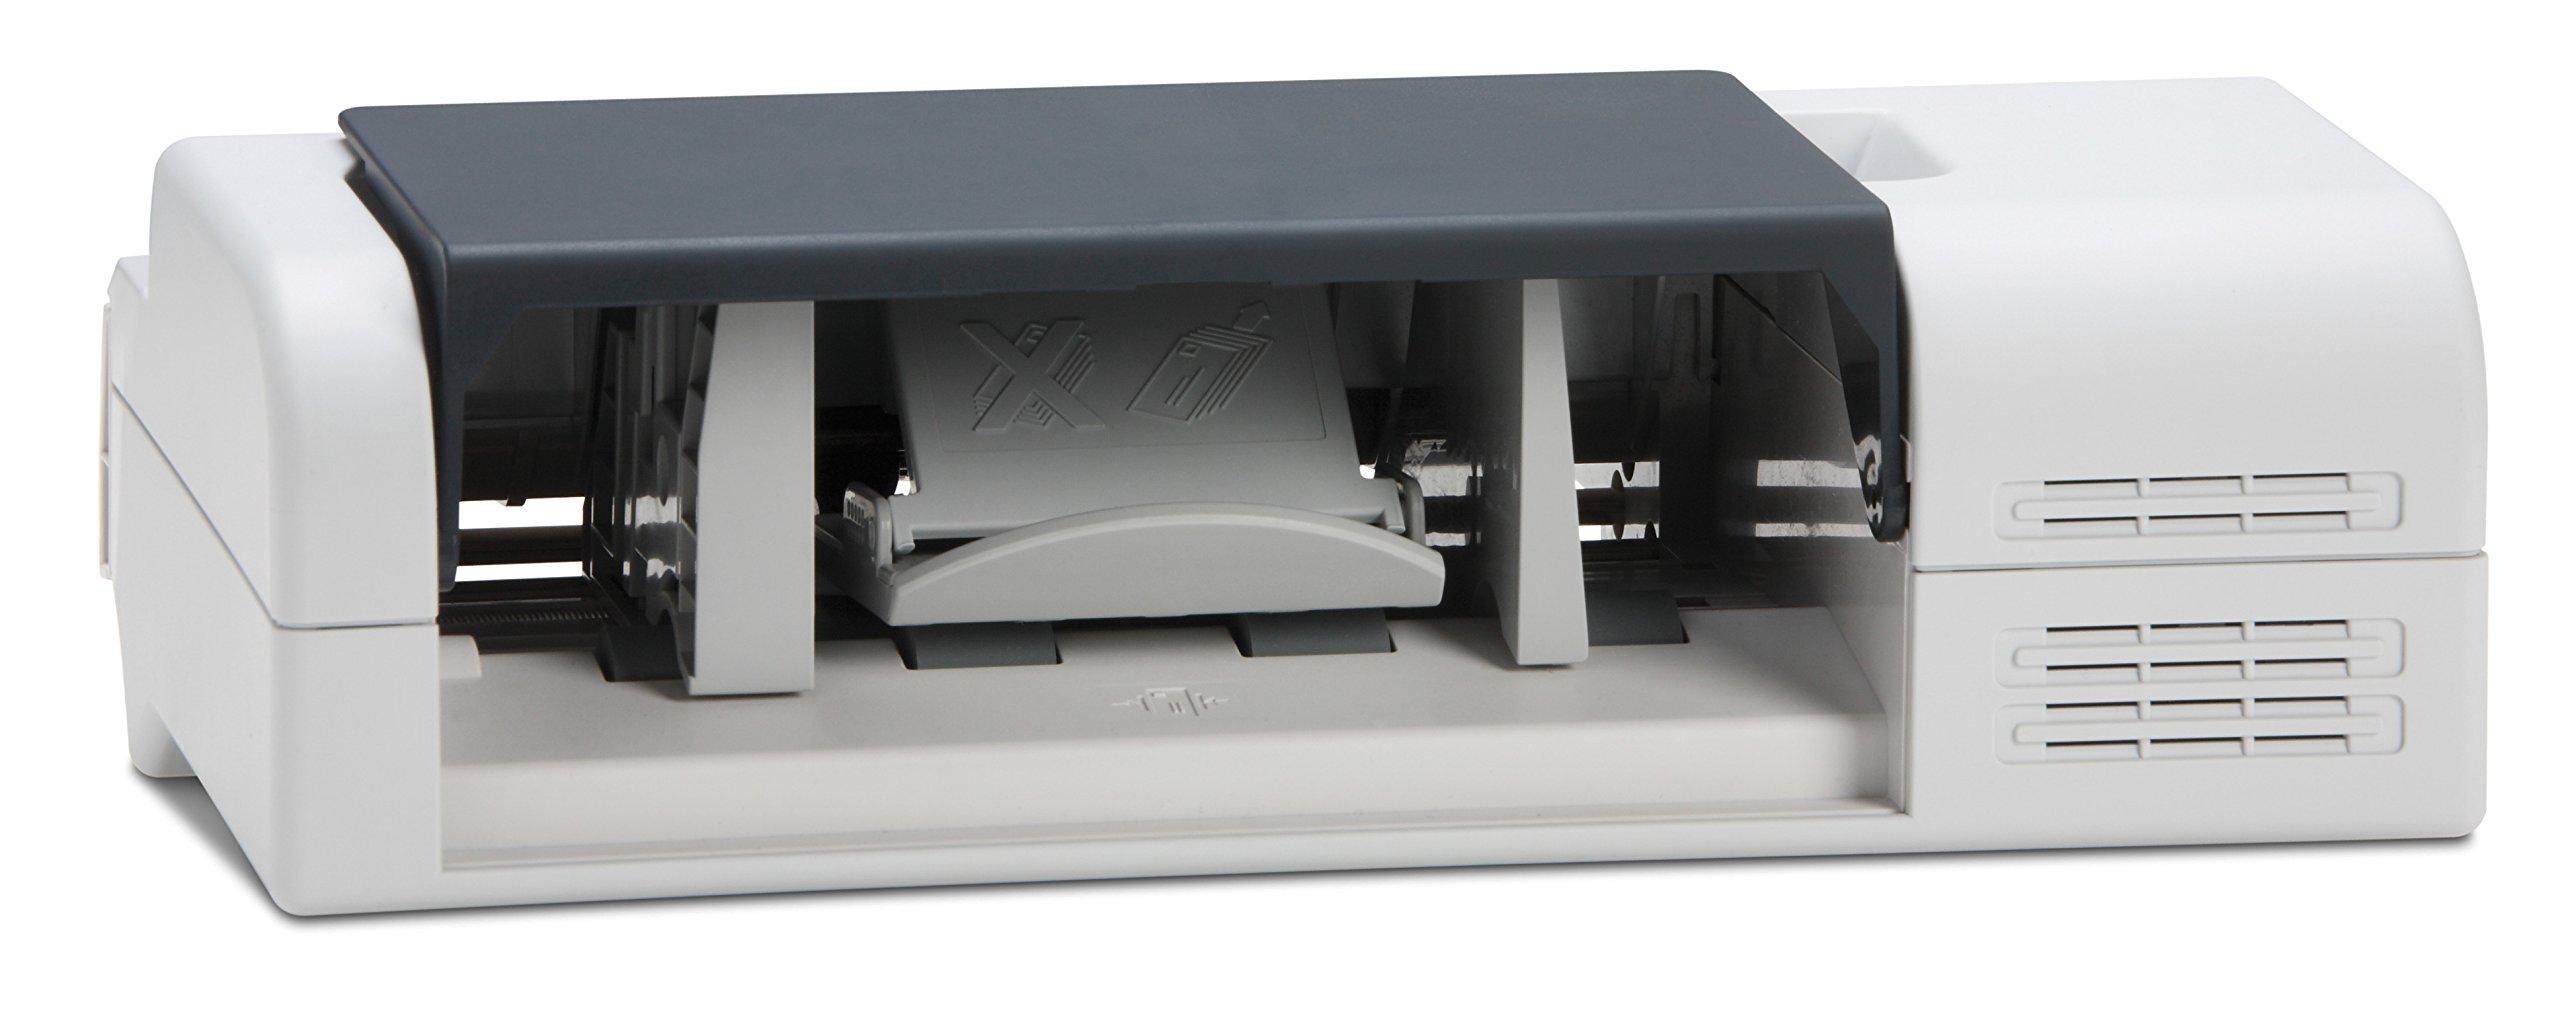 HEWB3G87A - LaserJet Envelope Feeder for LaserJet Enterprise